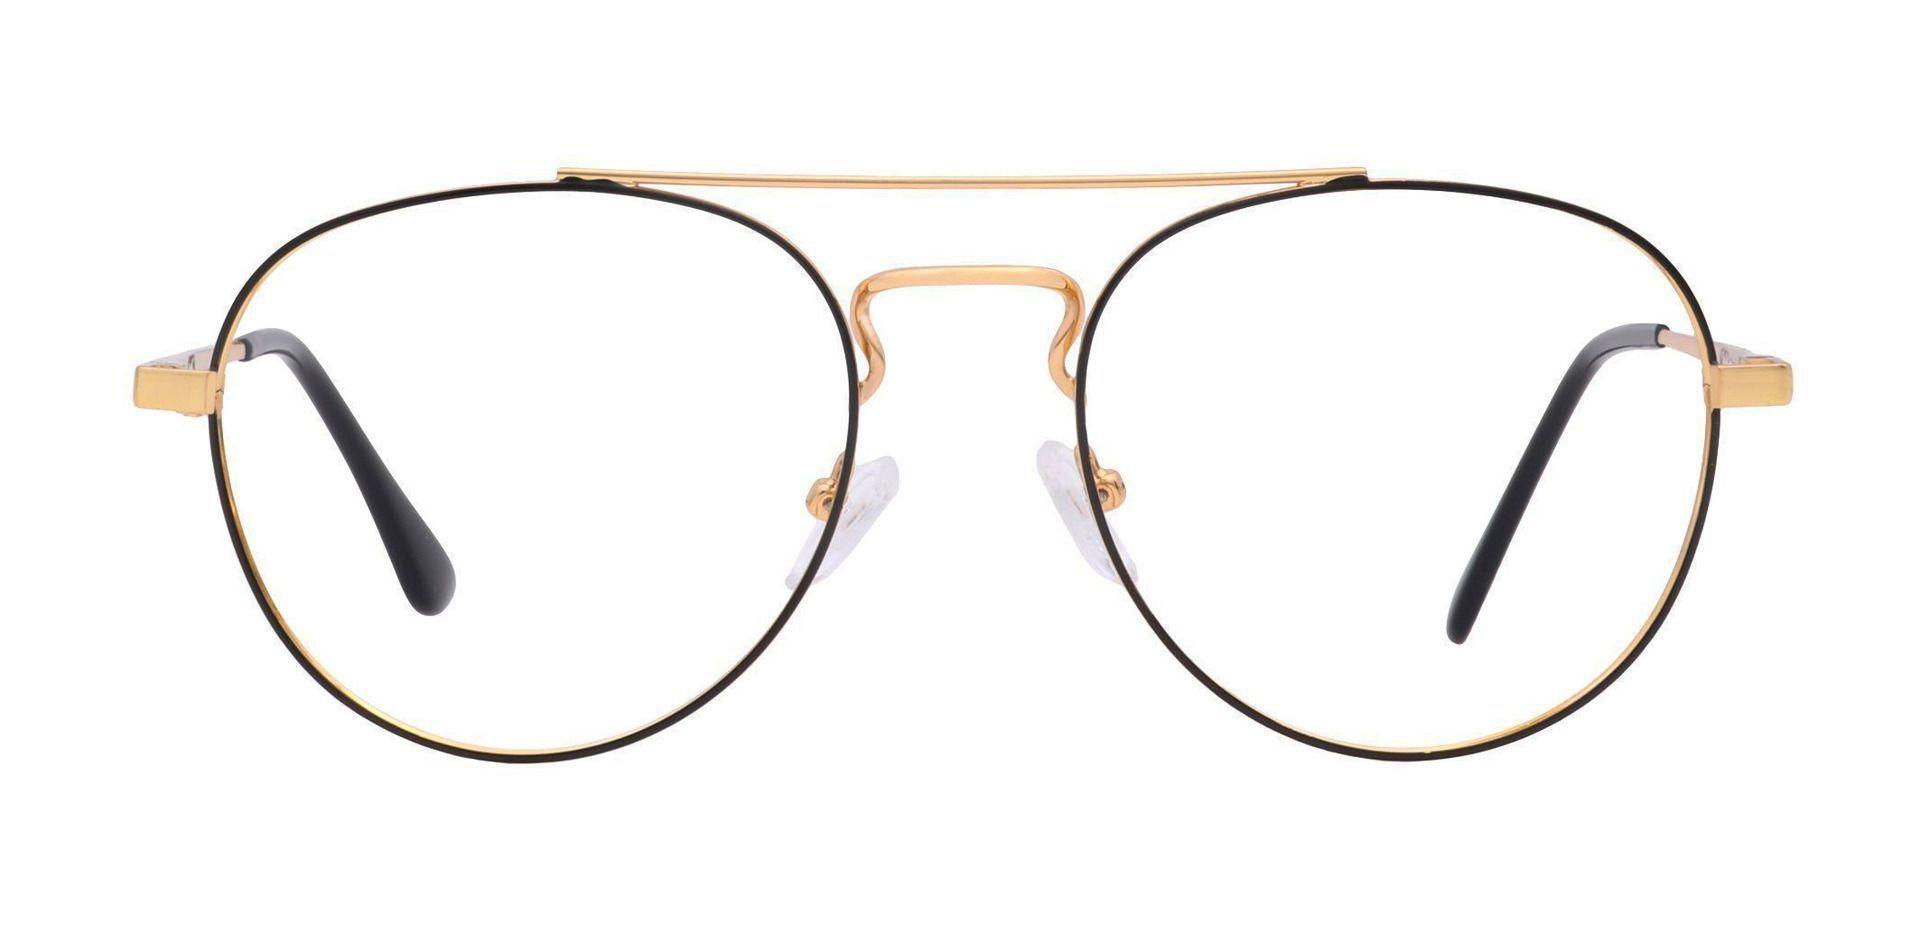 Trapp Aviator Prescription Glasses - Yellow